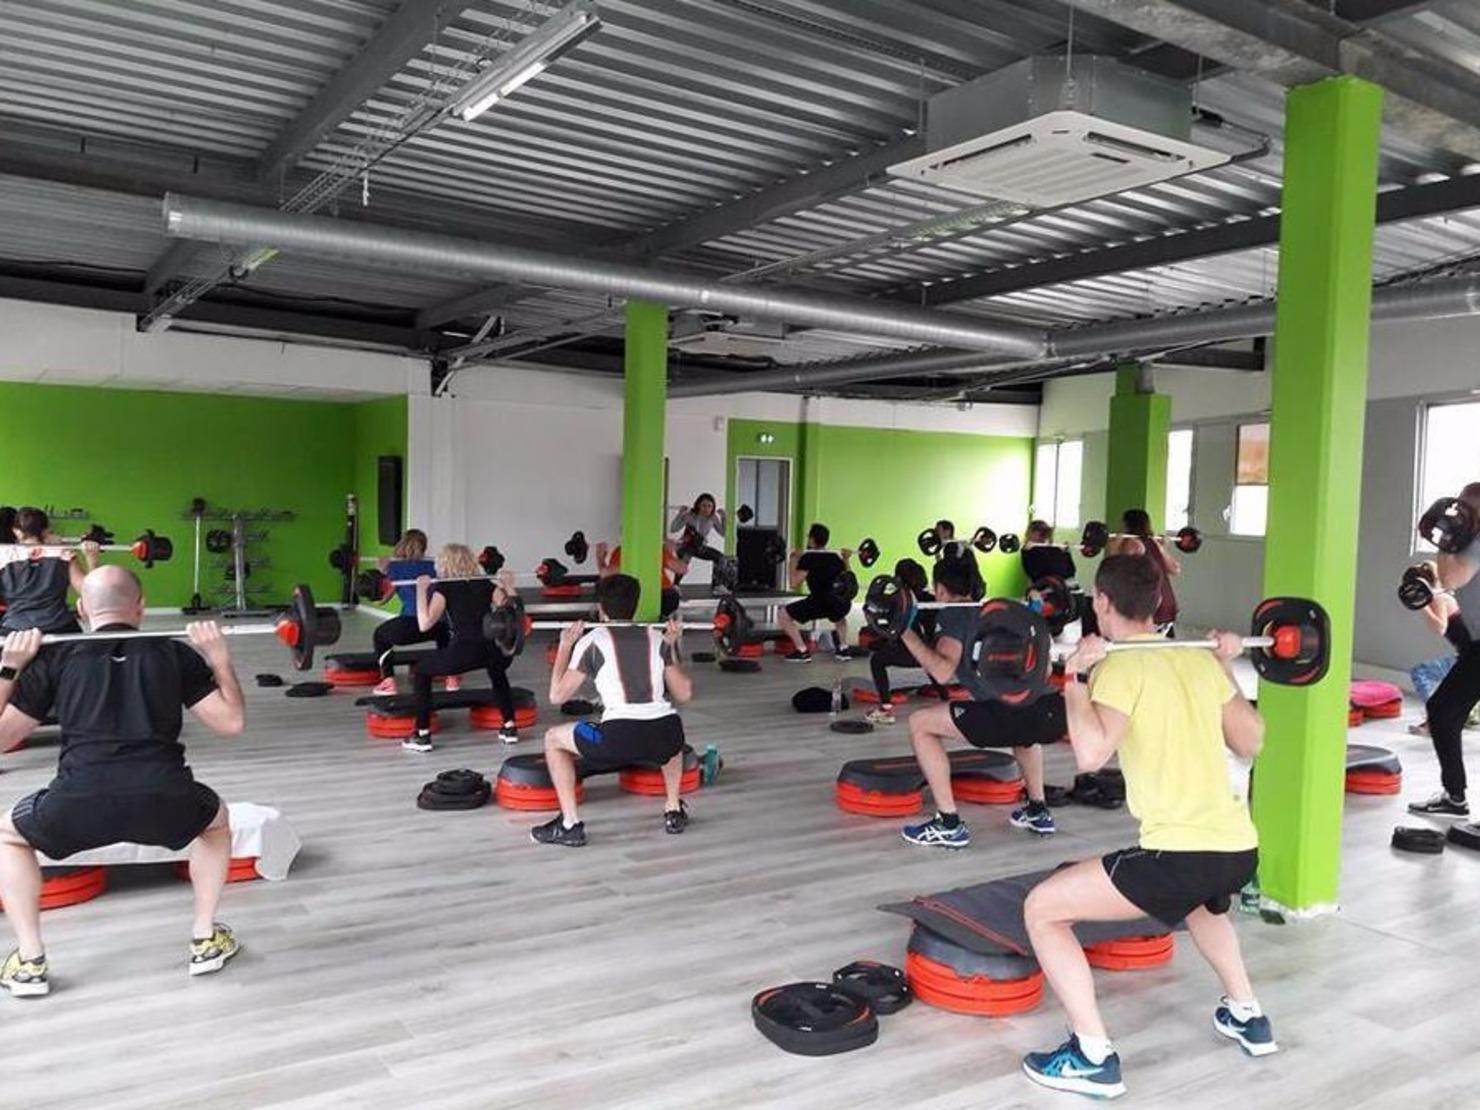 Liberty gym montpellier perols tarifs avis horaires - Salle de sport port marianne montpellier ...